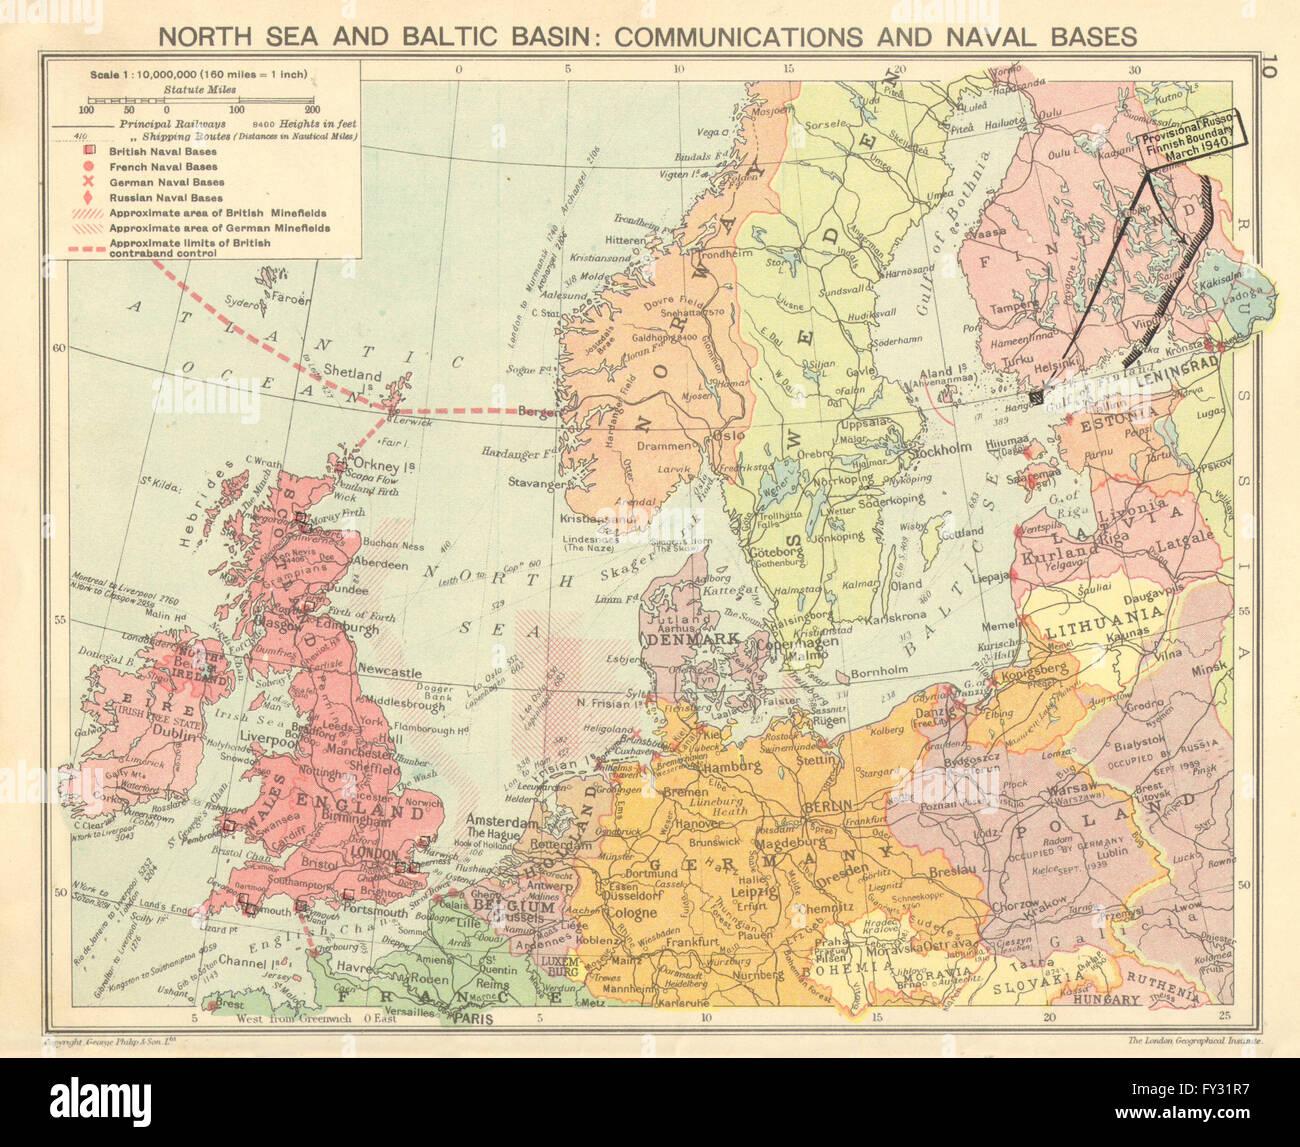 Karte Ostseeküste Polen.Zweiter Weltkrieg Nordsee Ostsee Minenfelder Marinestützpunkte